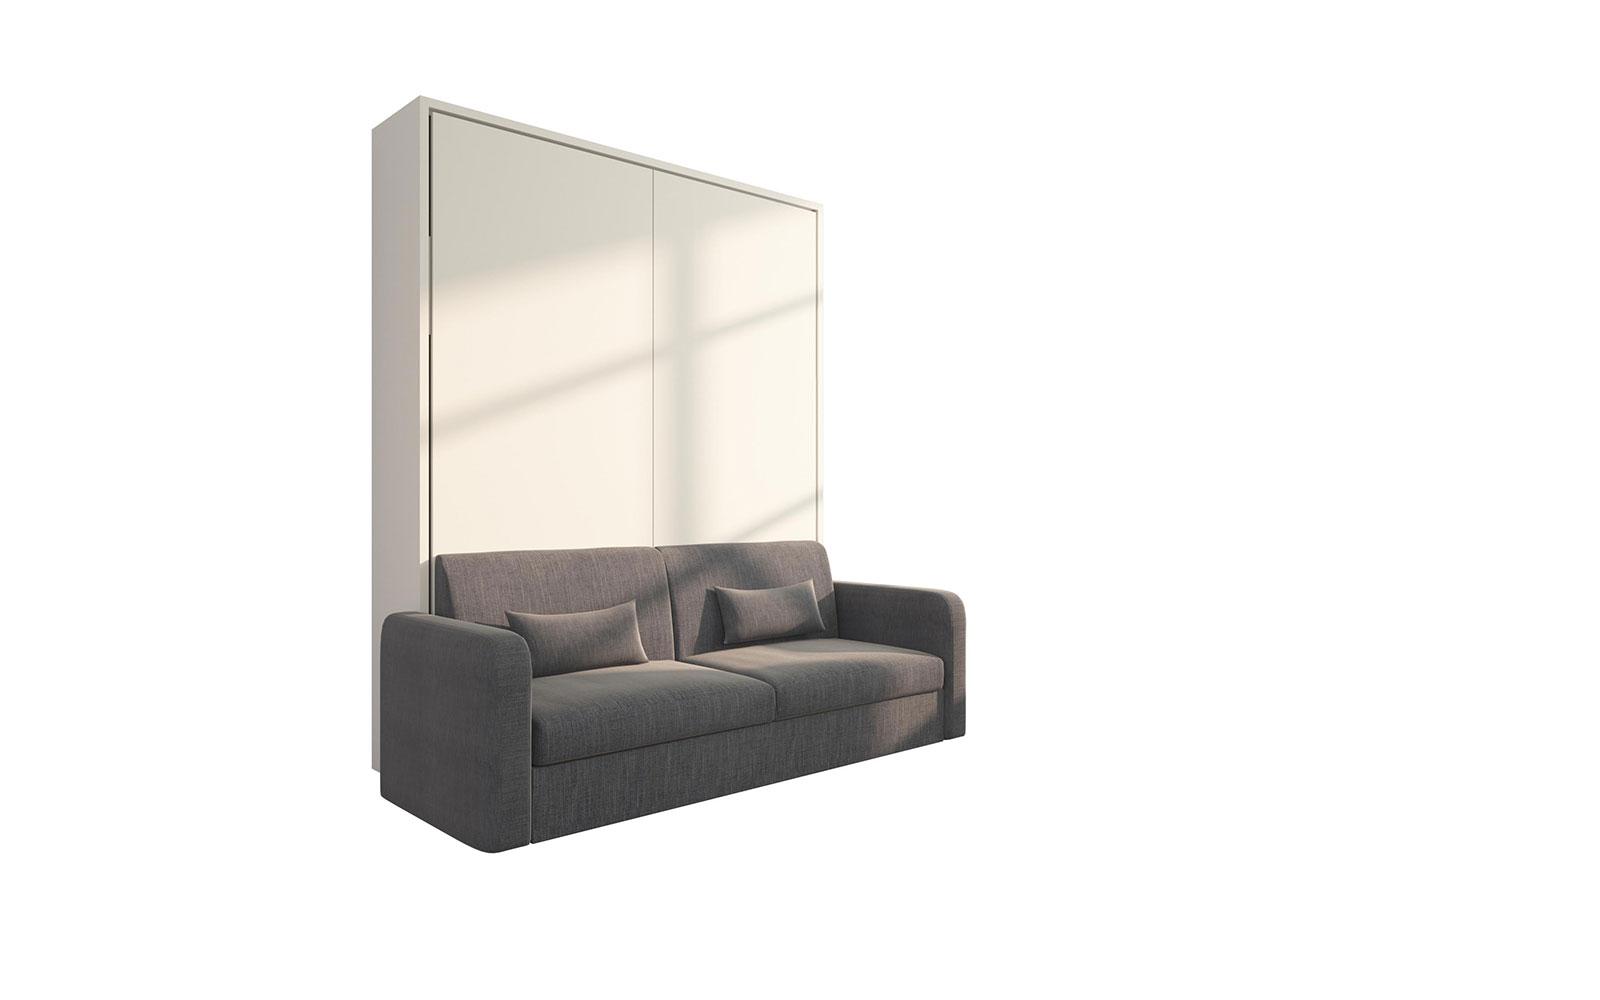 Piuma sofa 160 mobile letto con divano contenitore for Divano con mobile incorporato